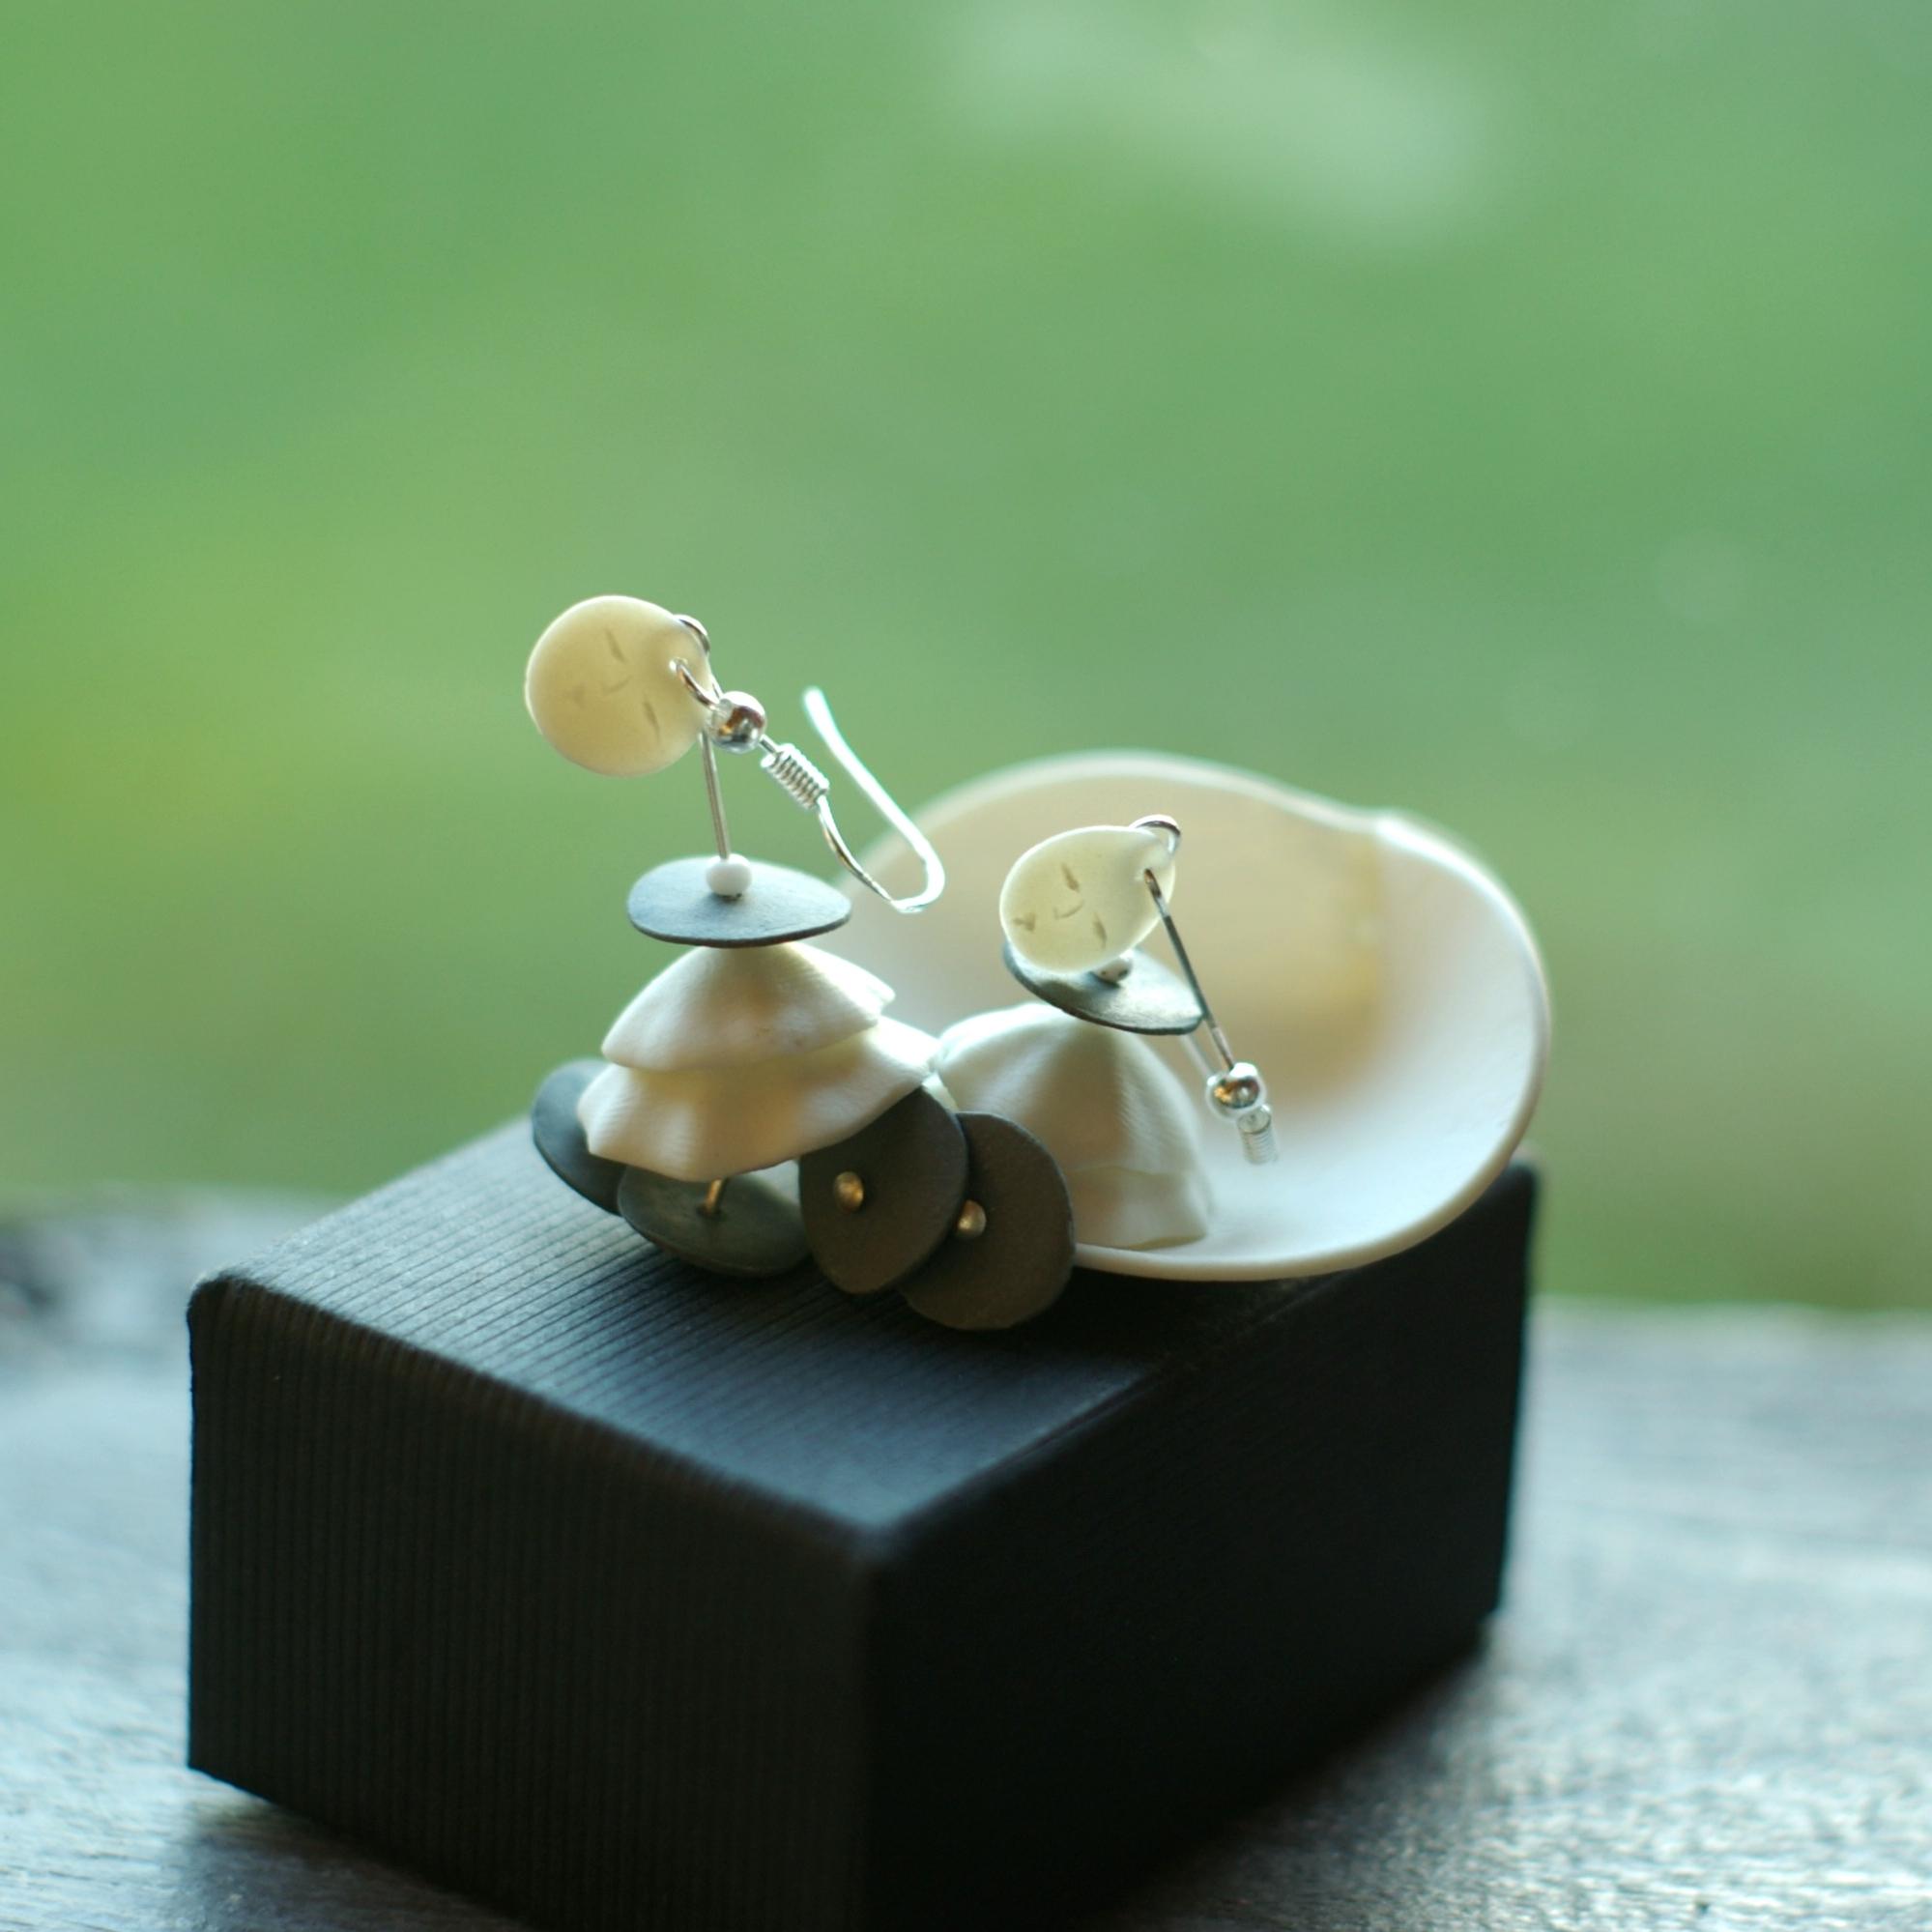 Some porcelain earrings